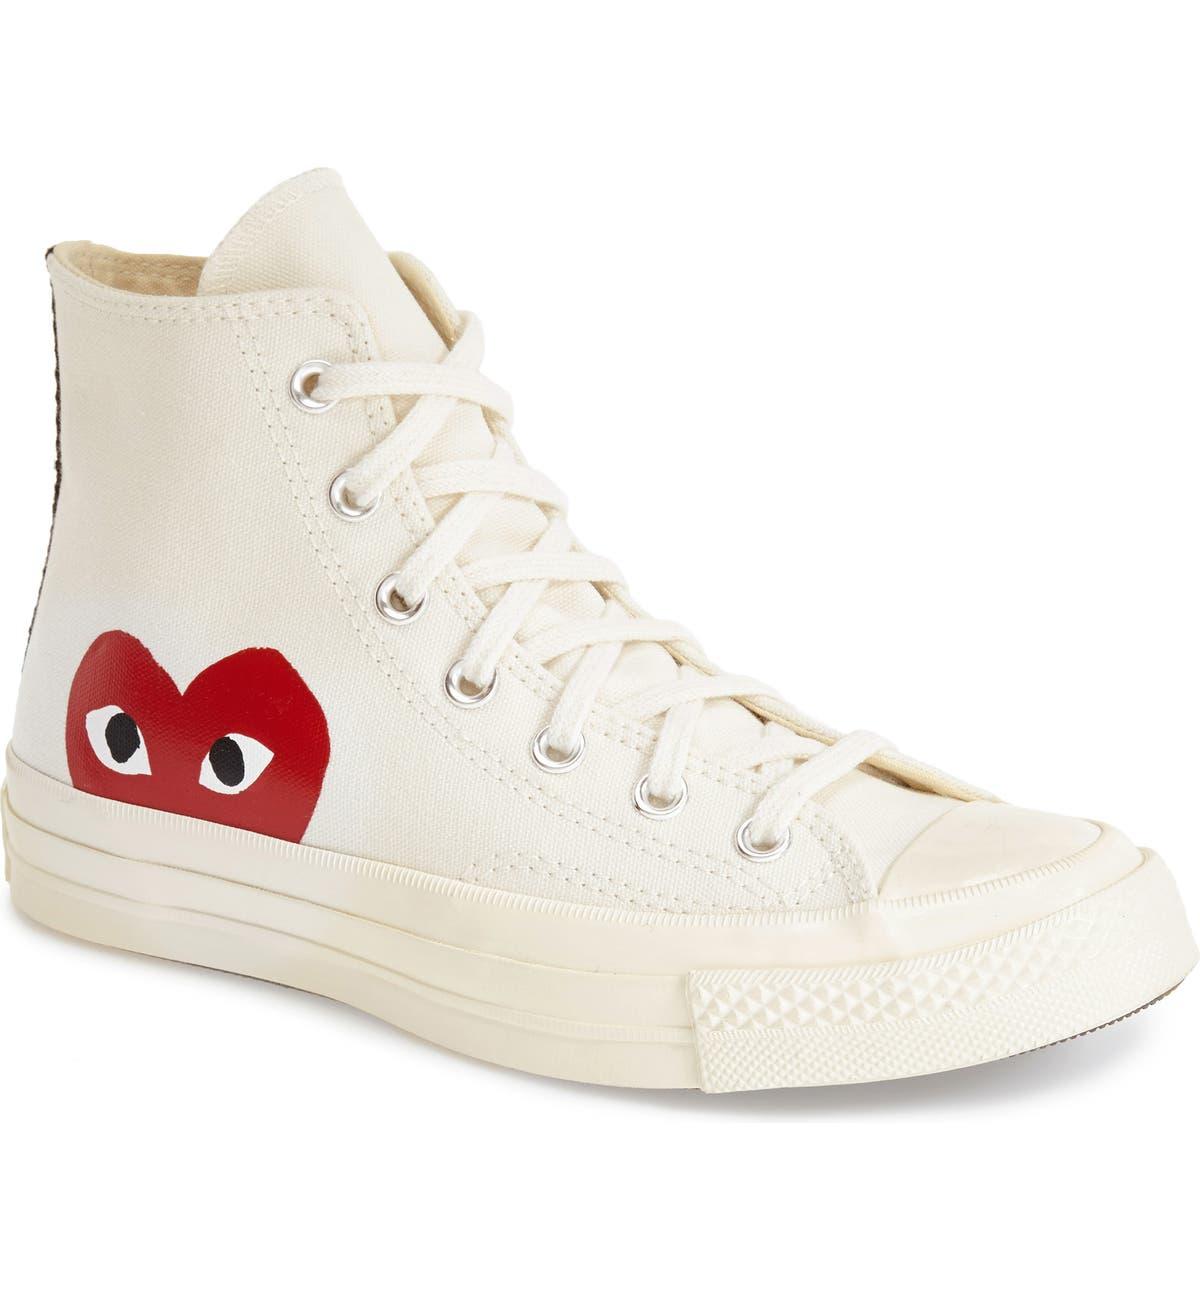 converse shoes comme des garcons